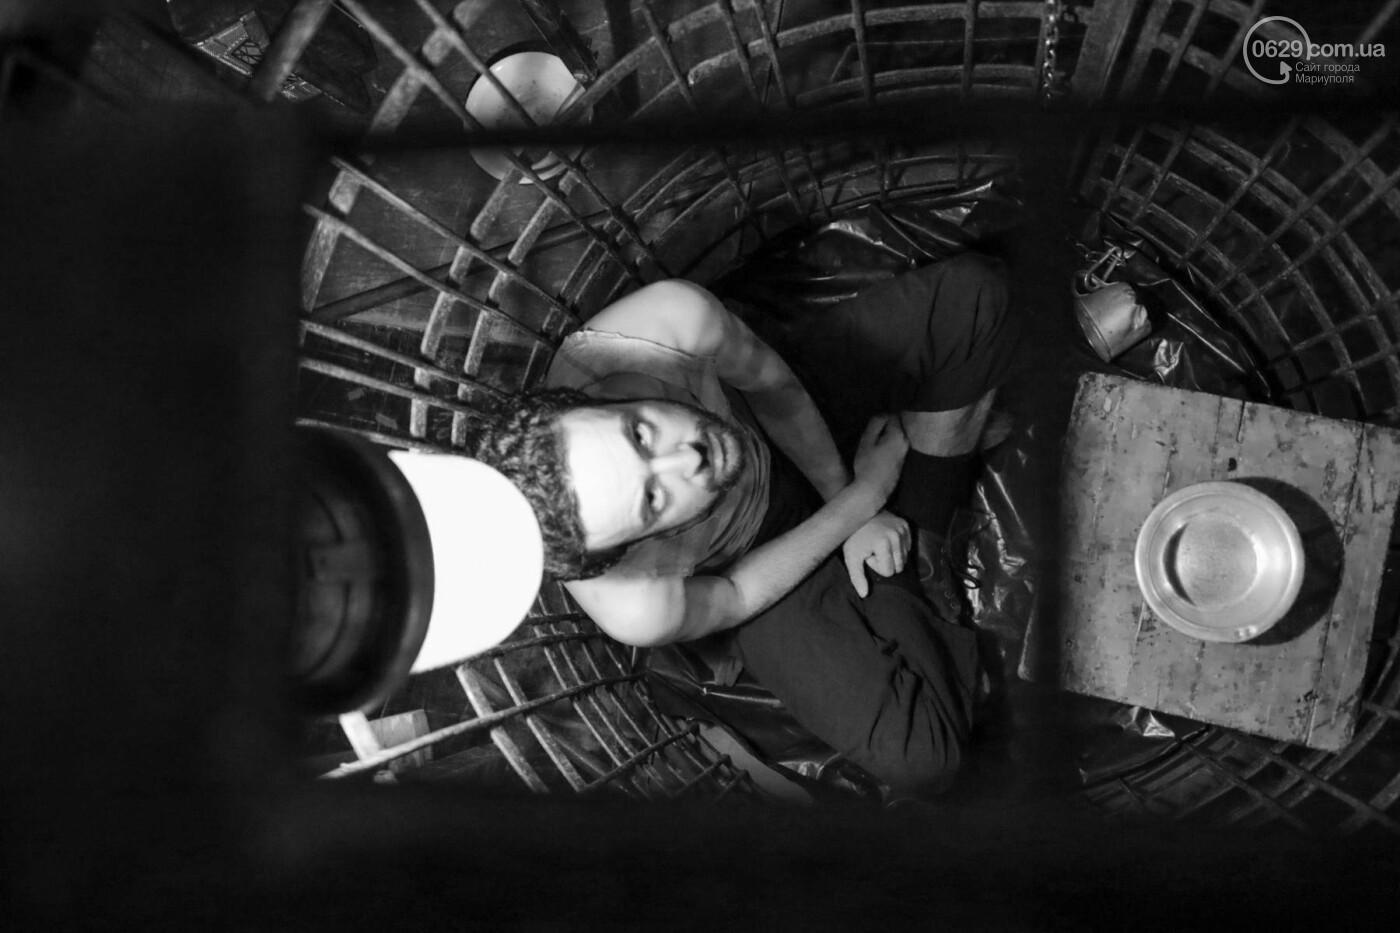 """В Мариуполе зрителей  спектакля  """"Собачья будка"""" посадили в клетку (ФОТО, ВИДЕО), фото-10"""